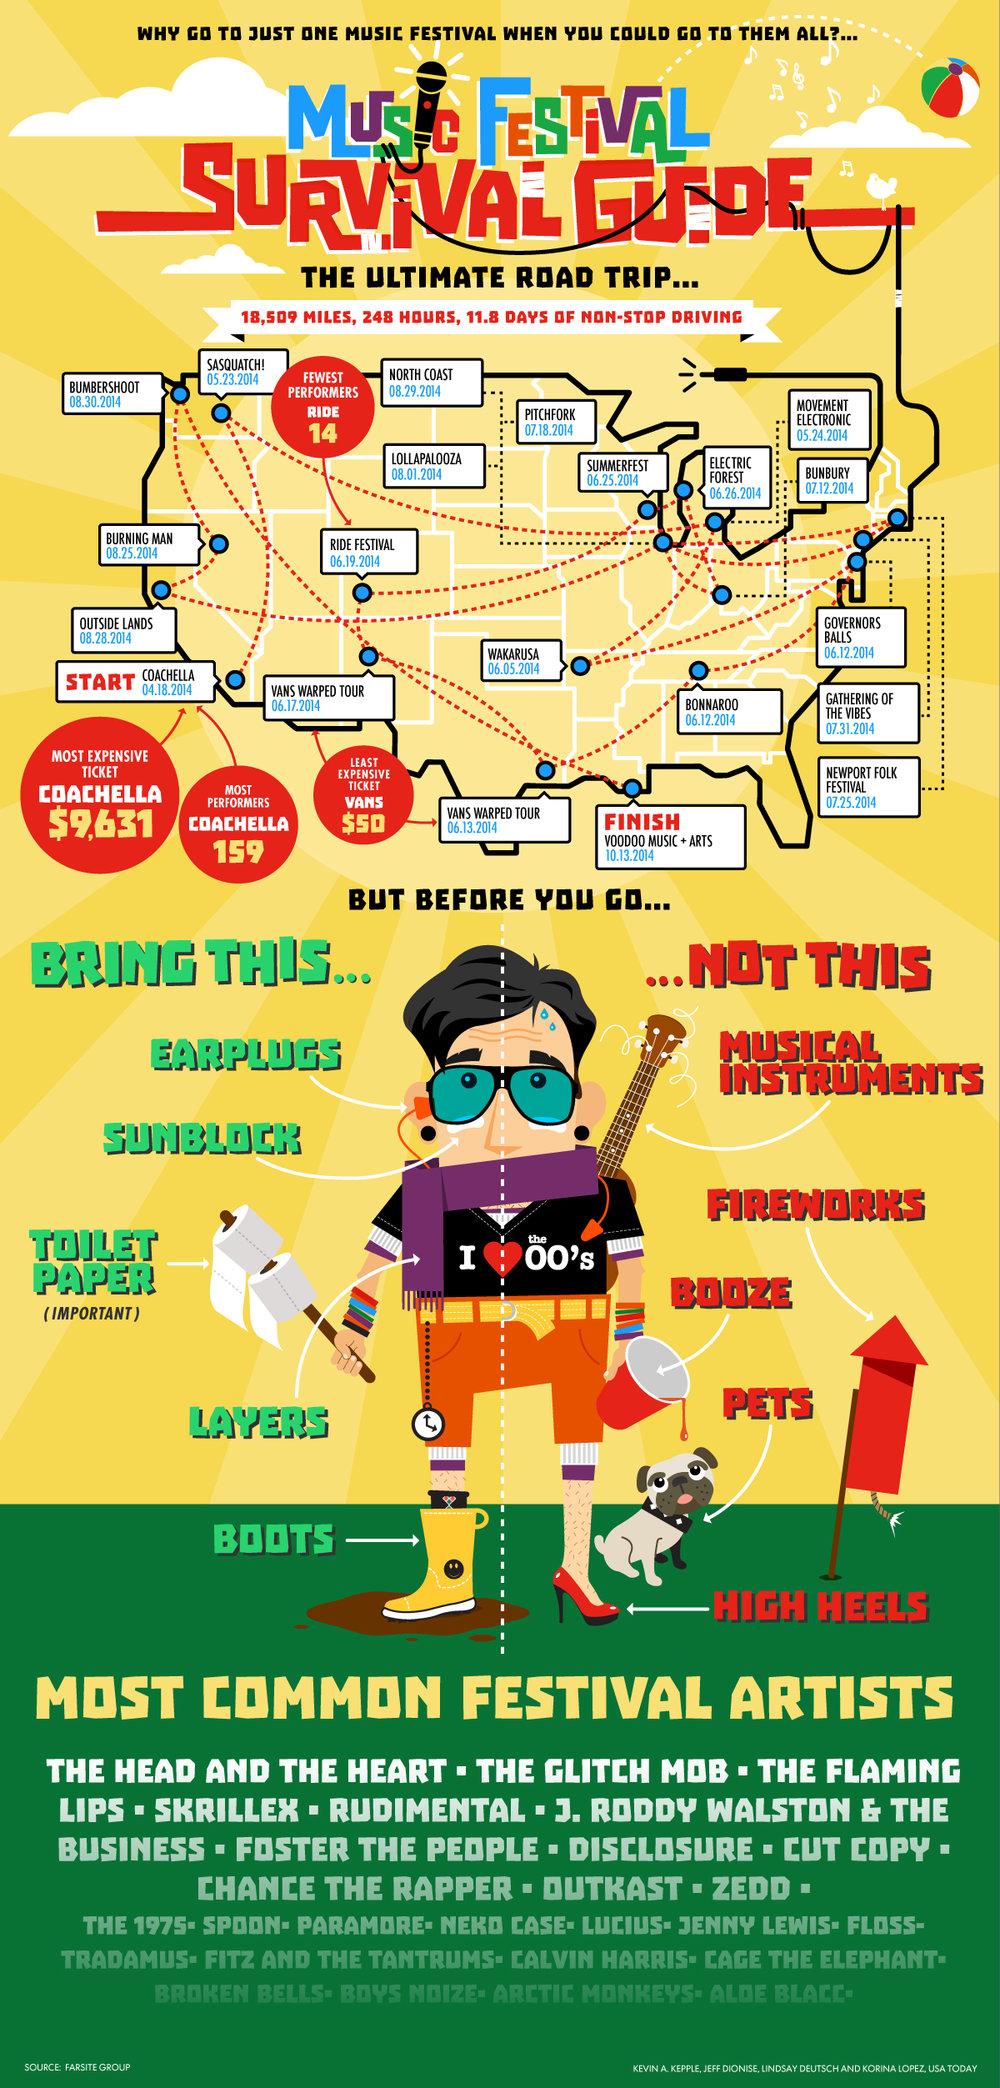 infographics kepple design rh keppledesign com country music festival survival guide music festival camping survival guide